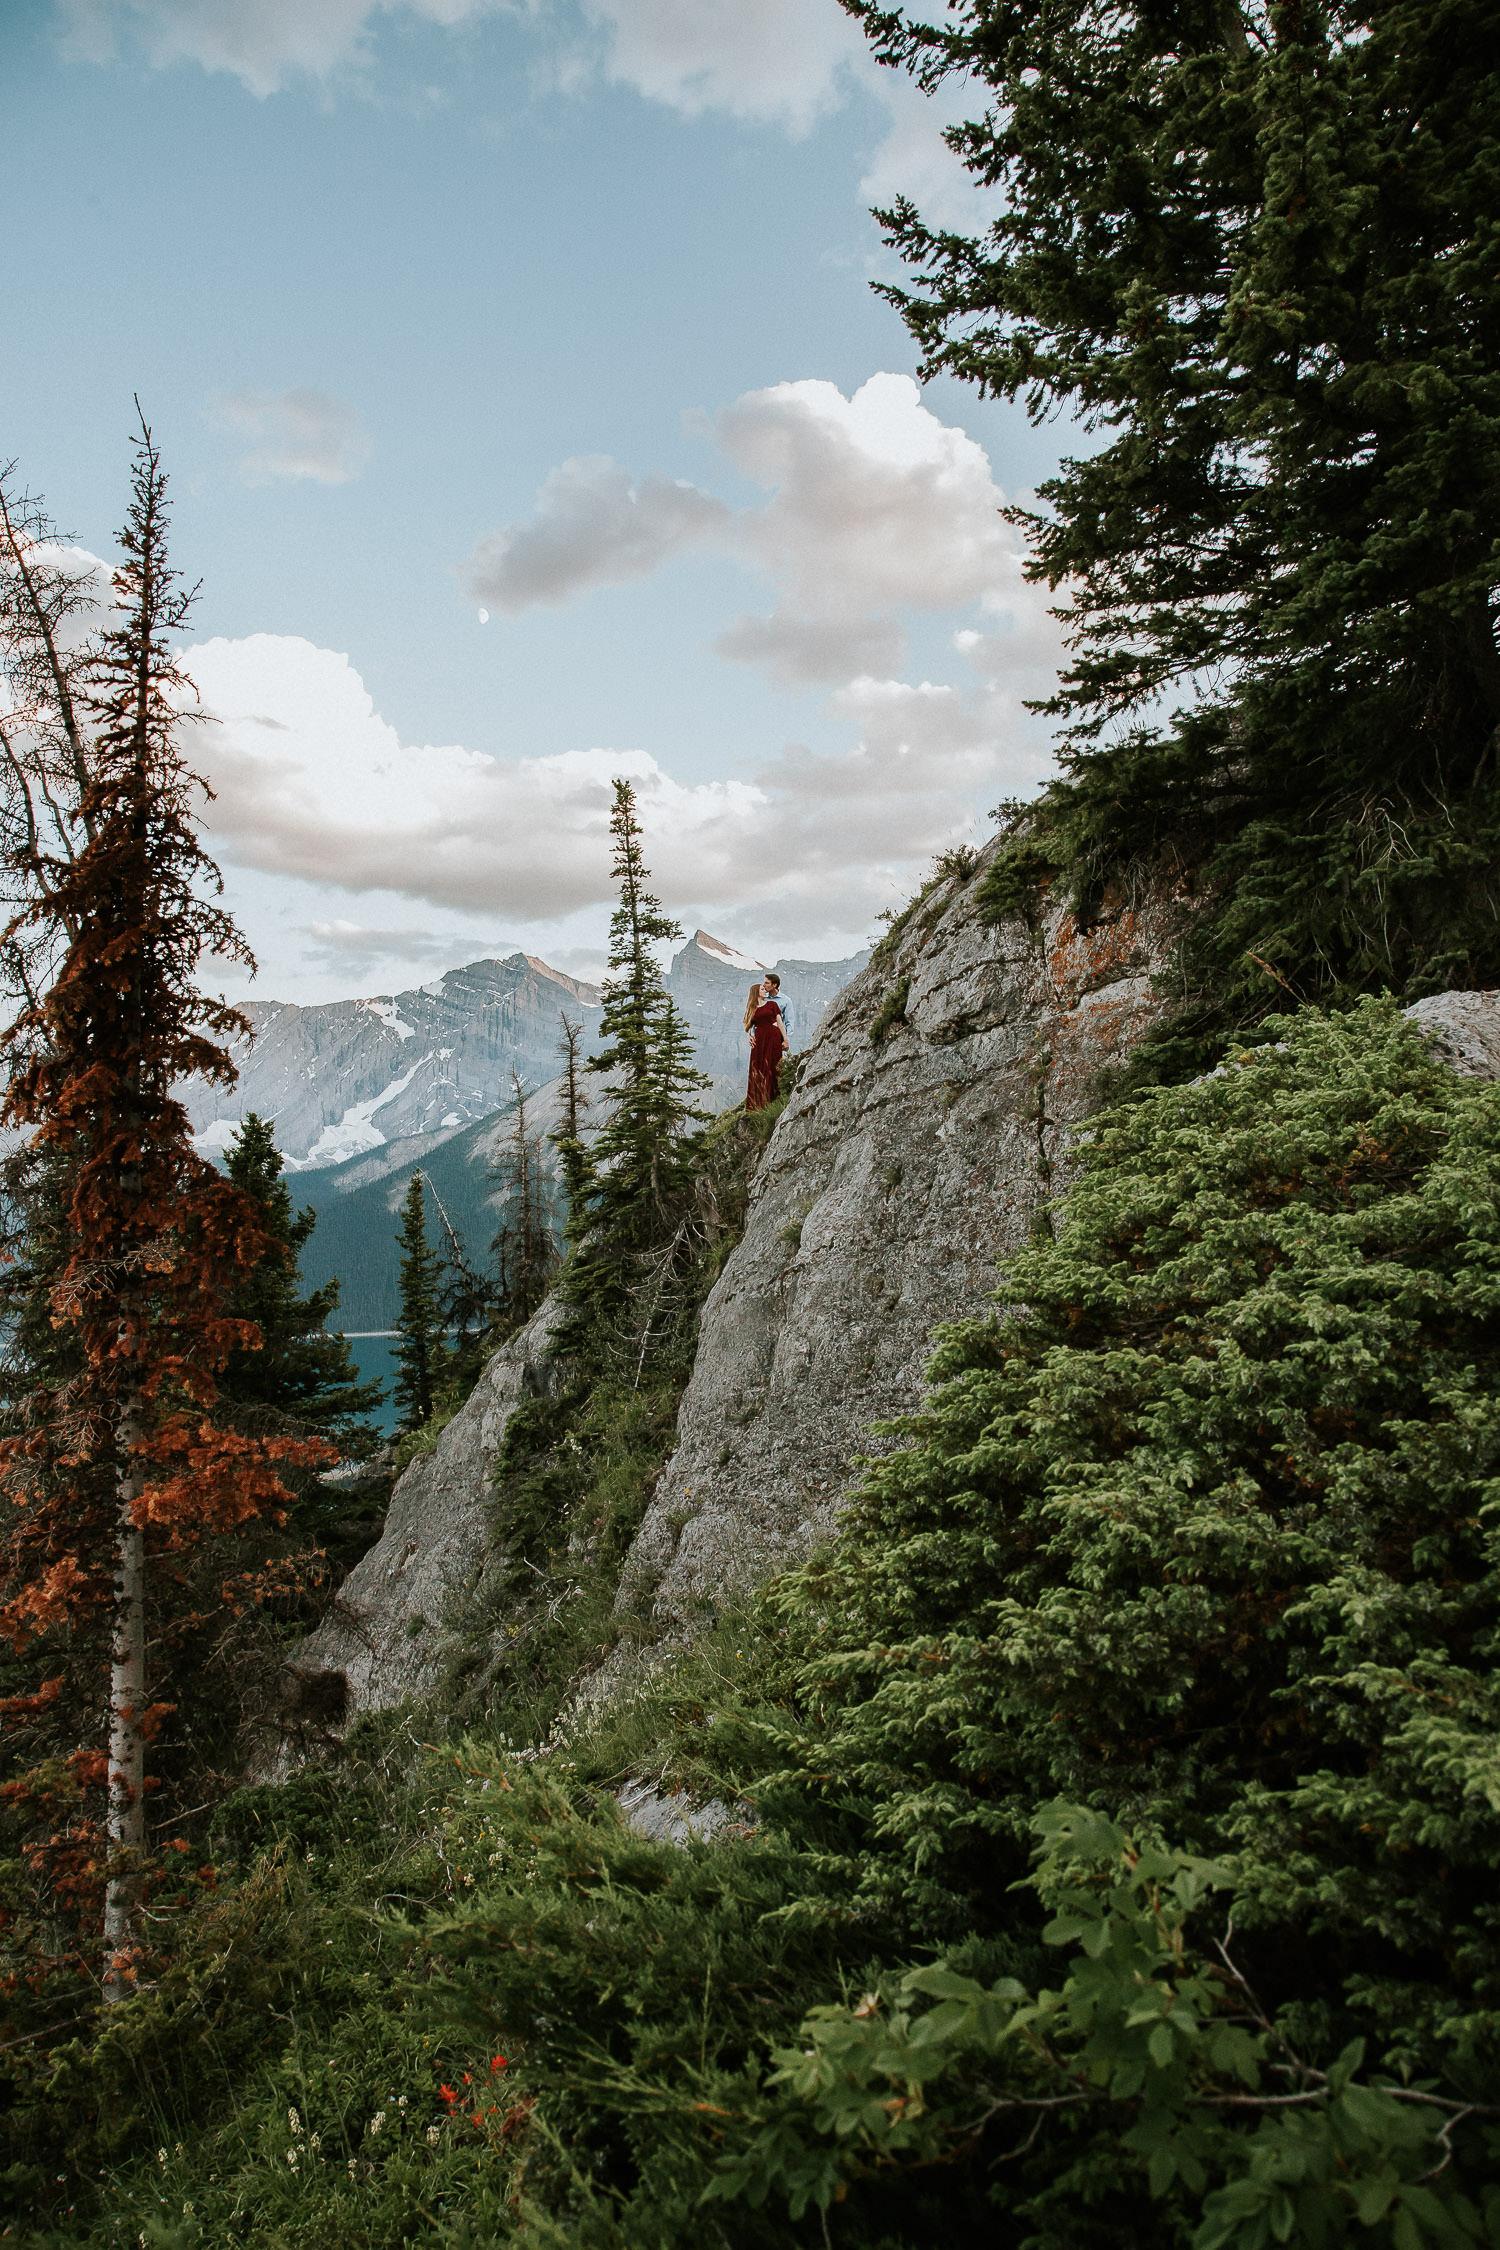 Top of a mountain engagement photos in kananaskis - Sarah Pukin